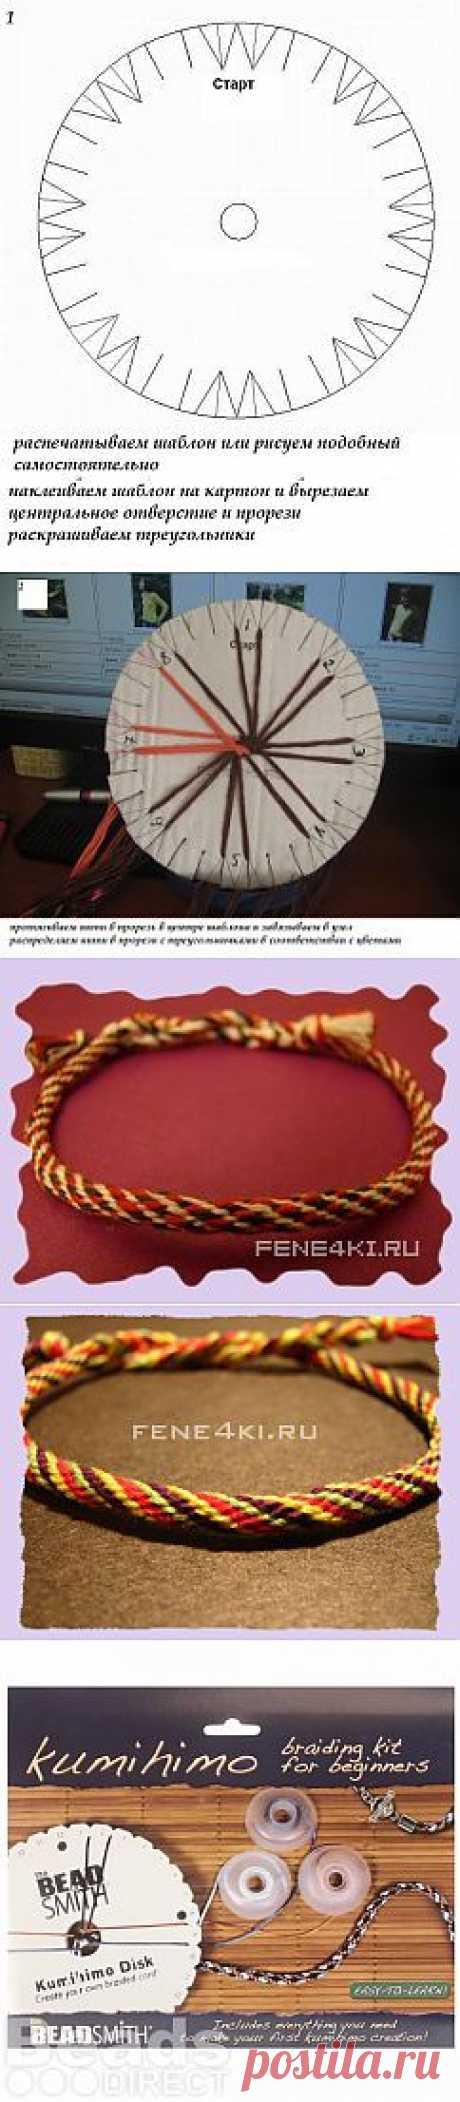 Darievna.ru - о рукоделии, кулинарии, о нашем, о женском • МК ручки для сумки техникой КУМИХИМО